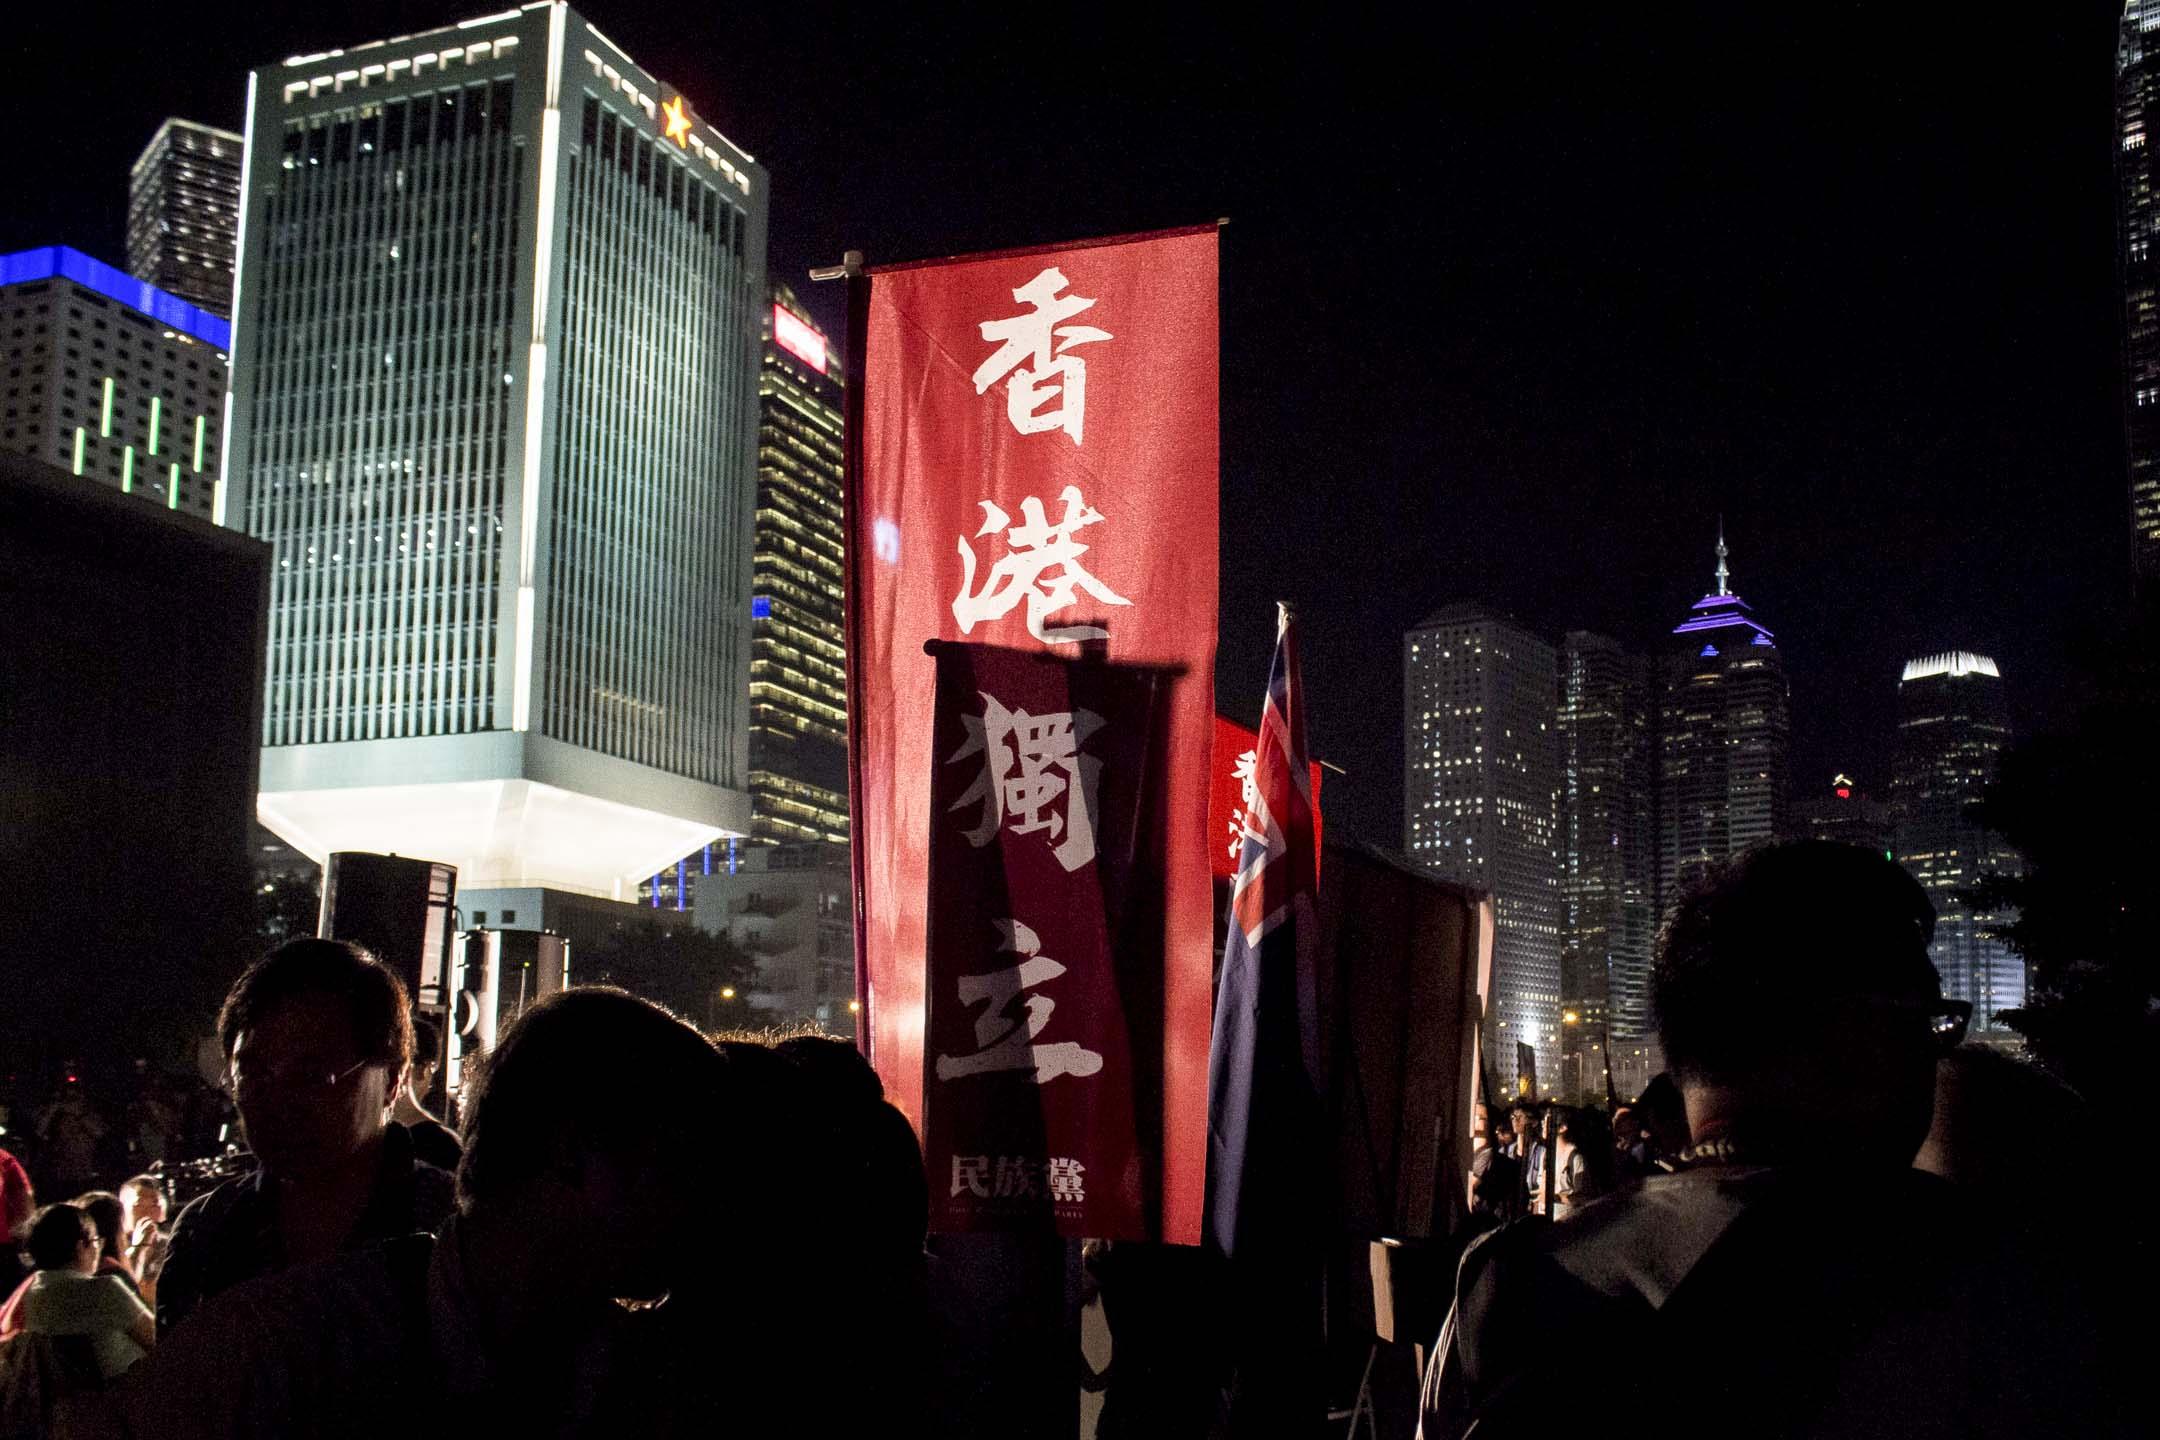 2016年8月5日,有超過2,500人出席香港民族黨於金鐘添馬公園舉辦的集會。 攝:陳國誠/端傳媒